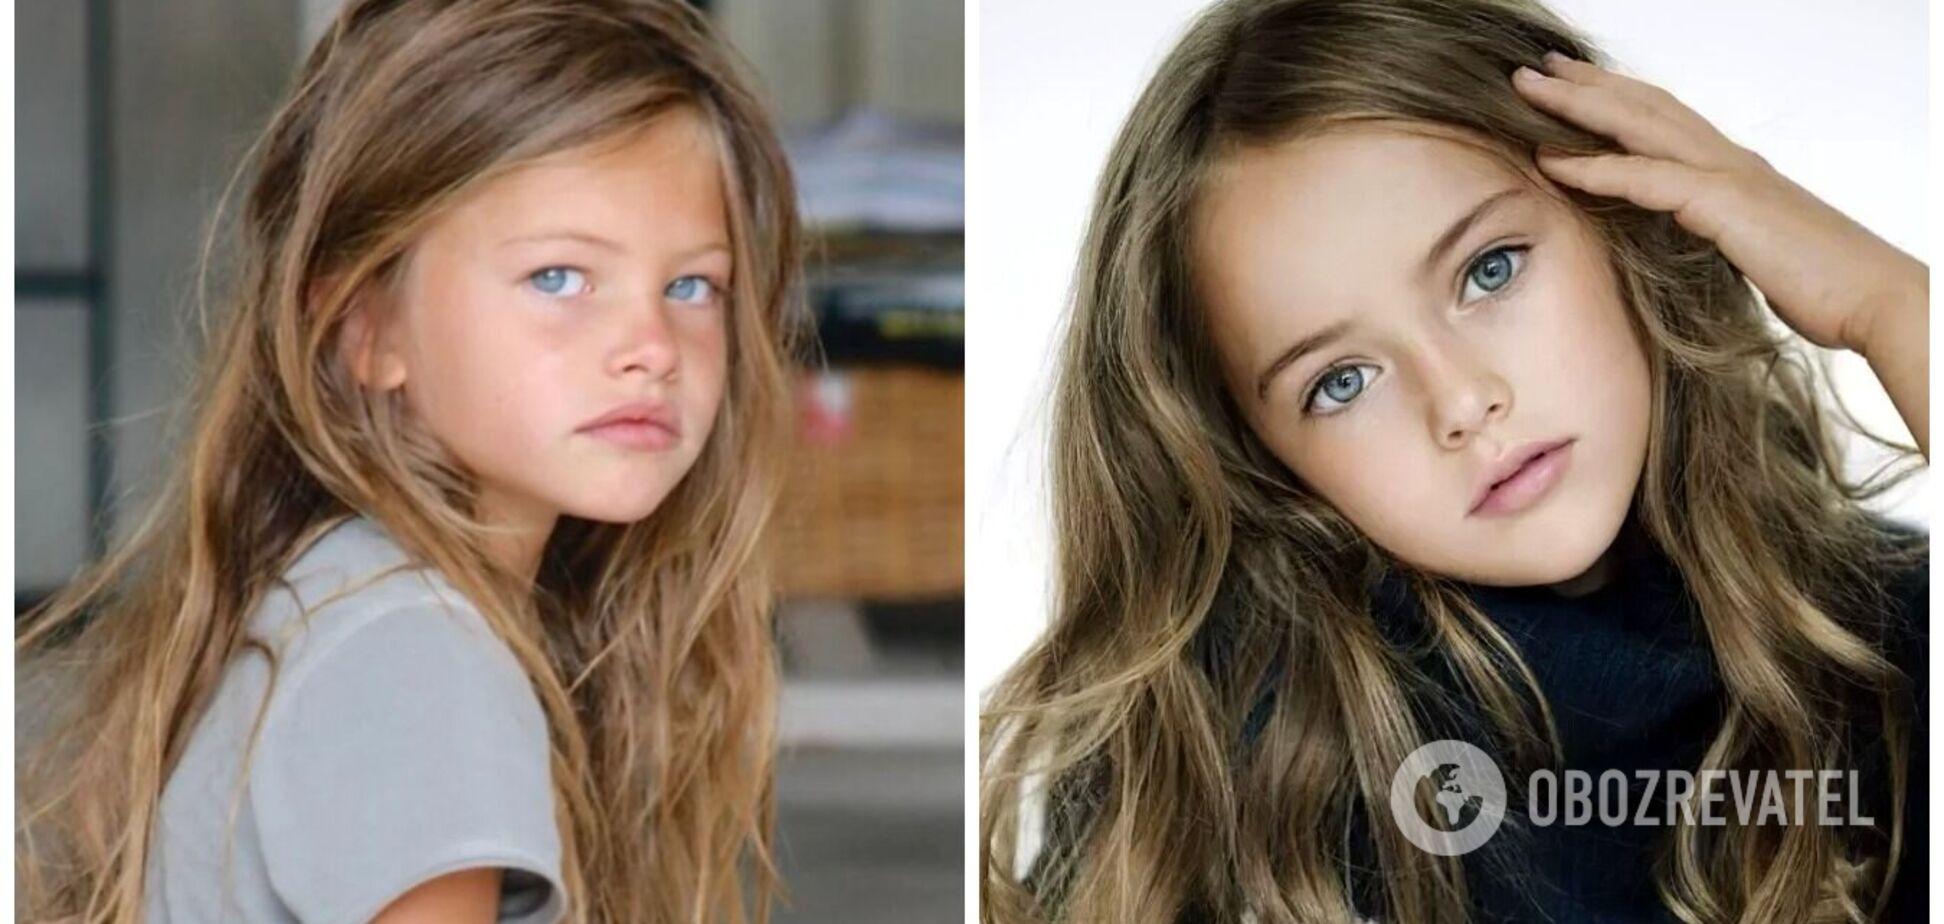 Самые красивые девочки в мире повзрослели: как они выглядят сейчас